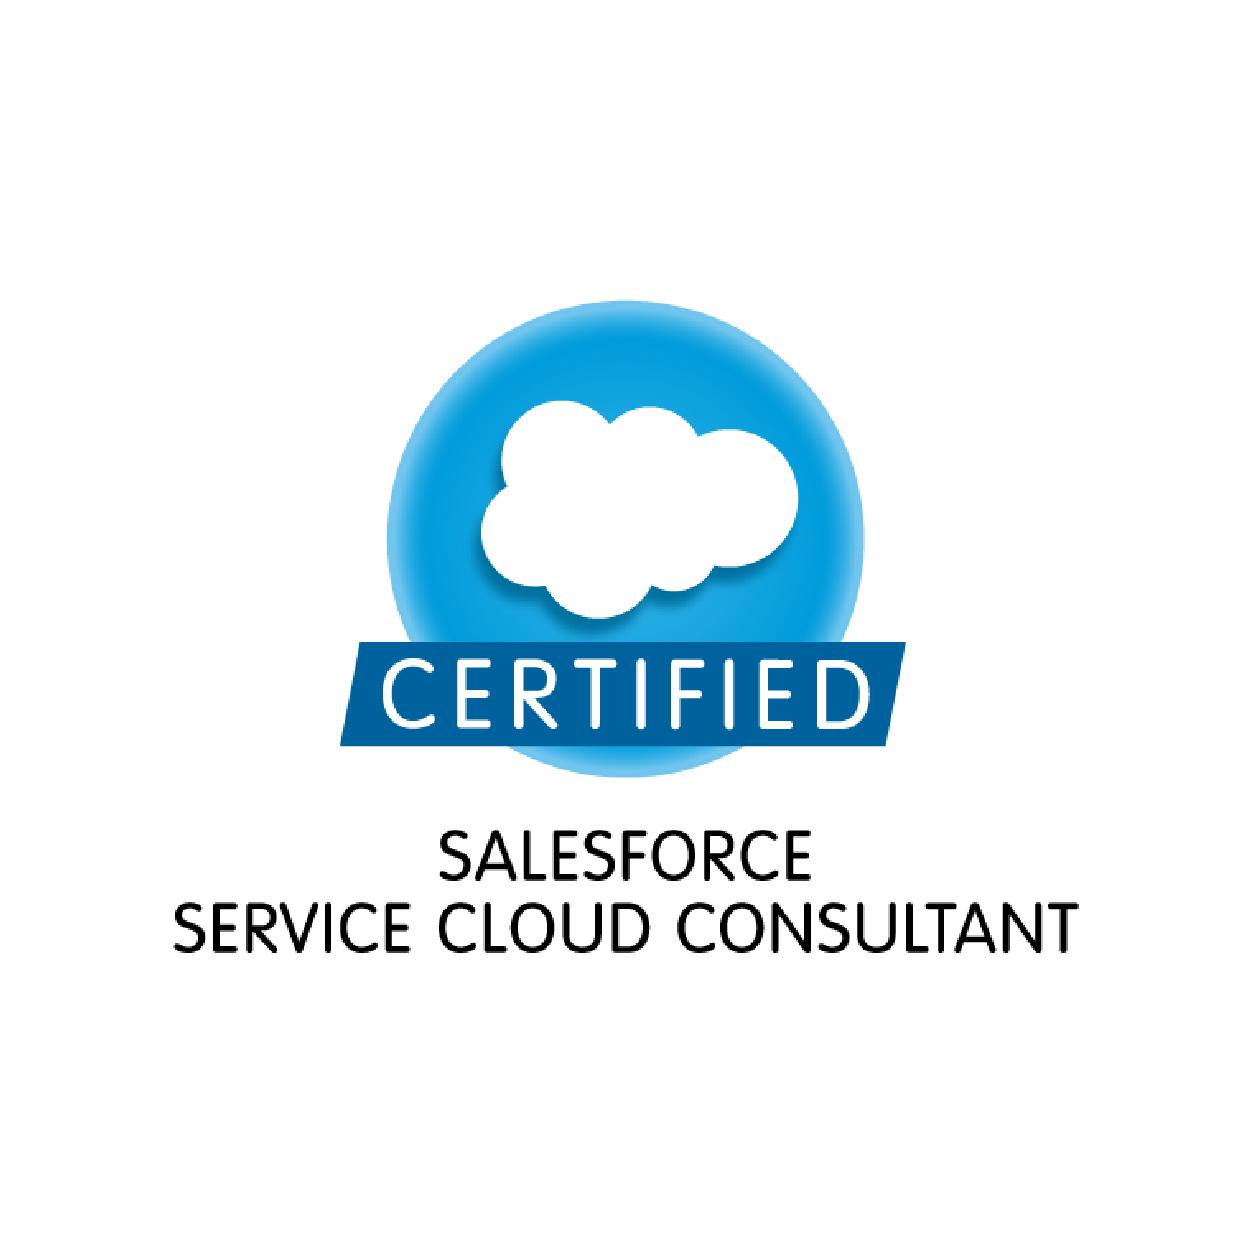 salesforce_certified-01.jpg